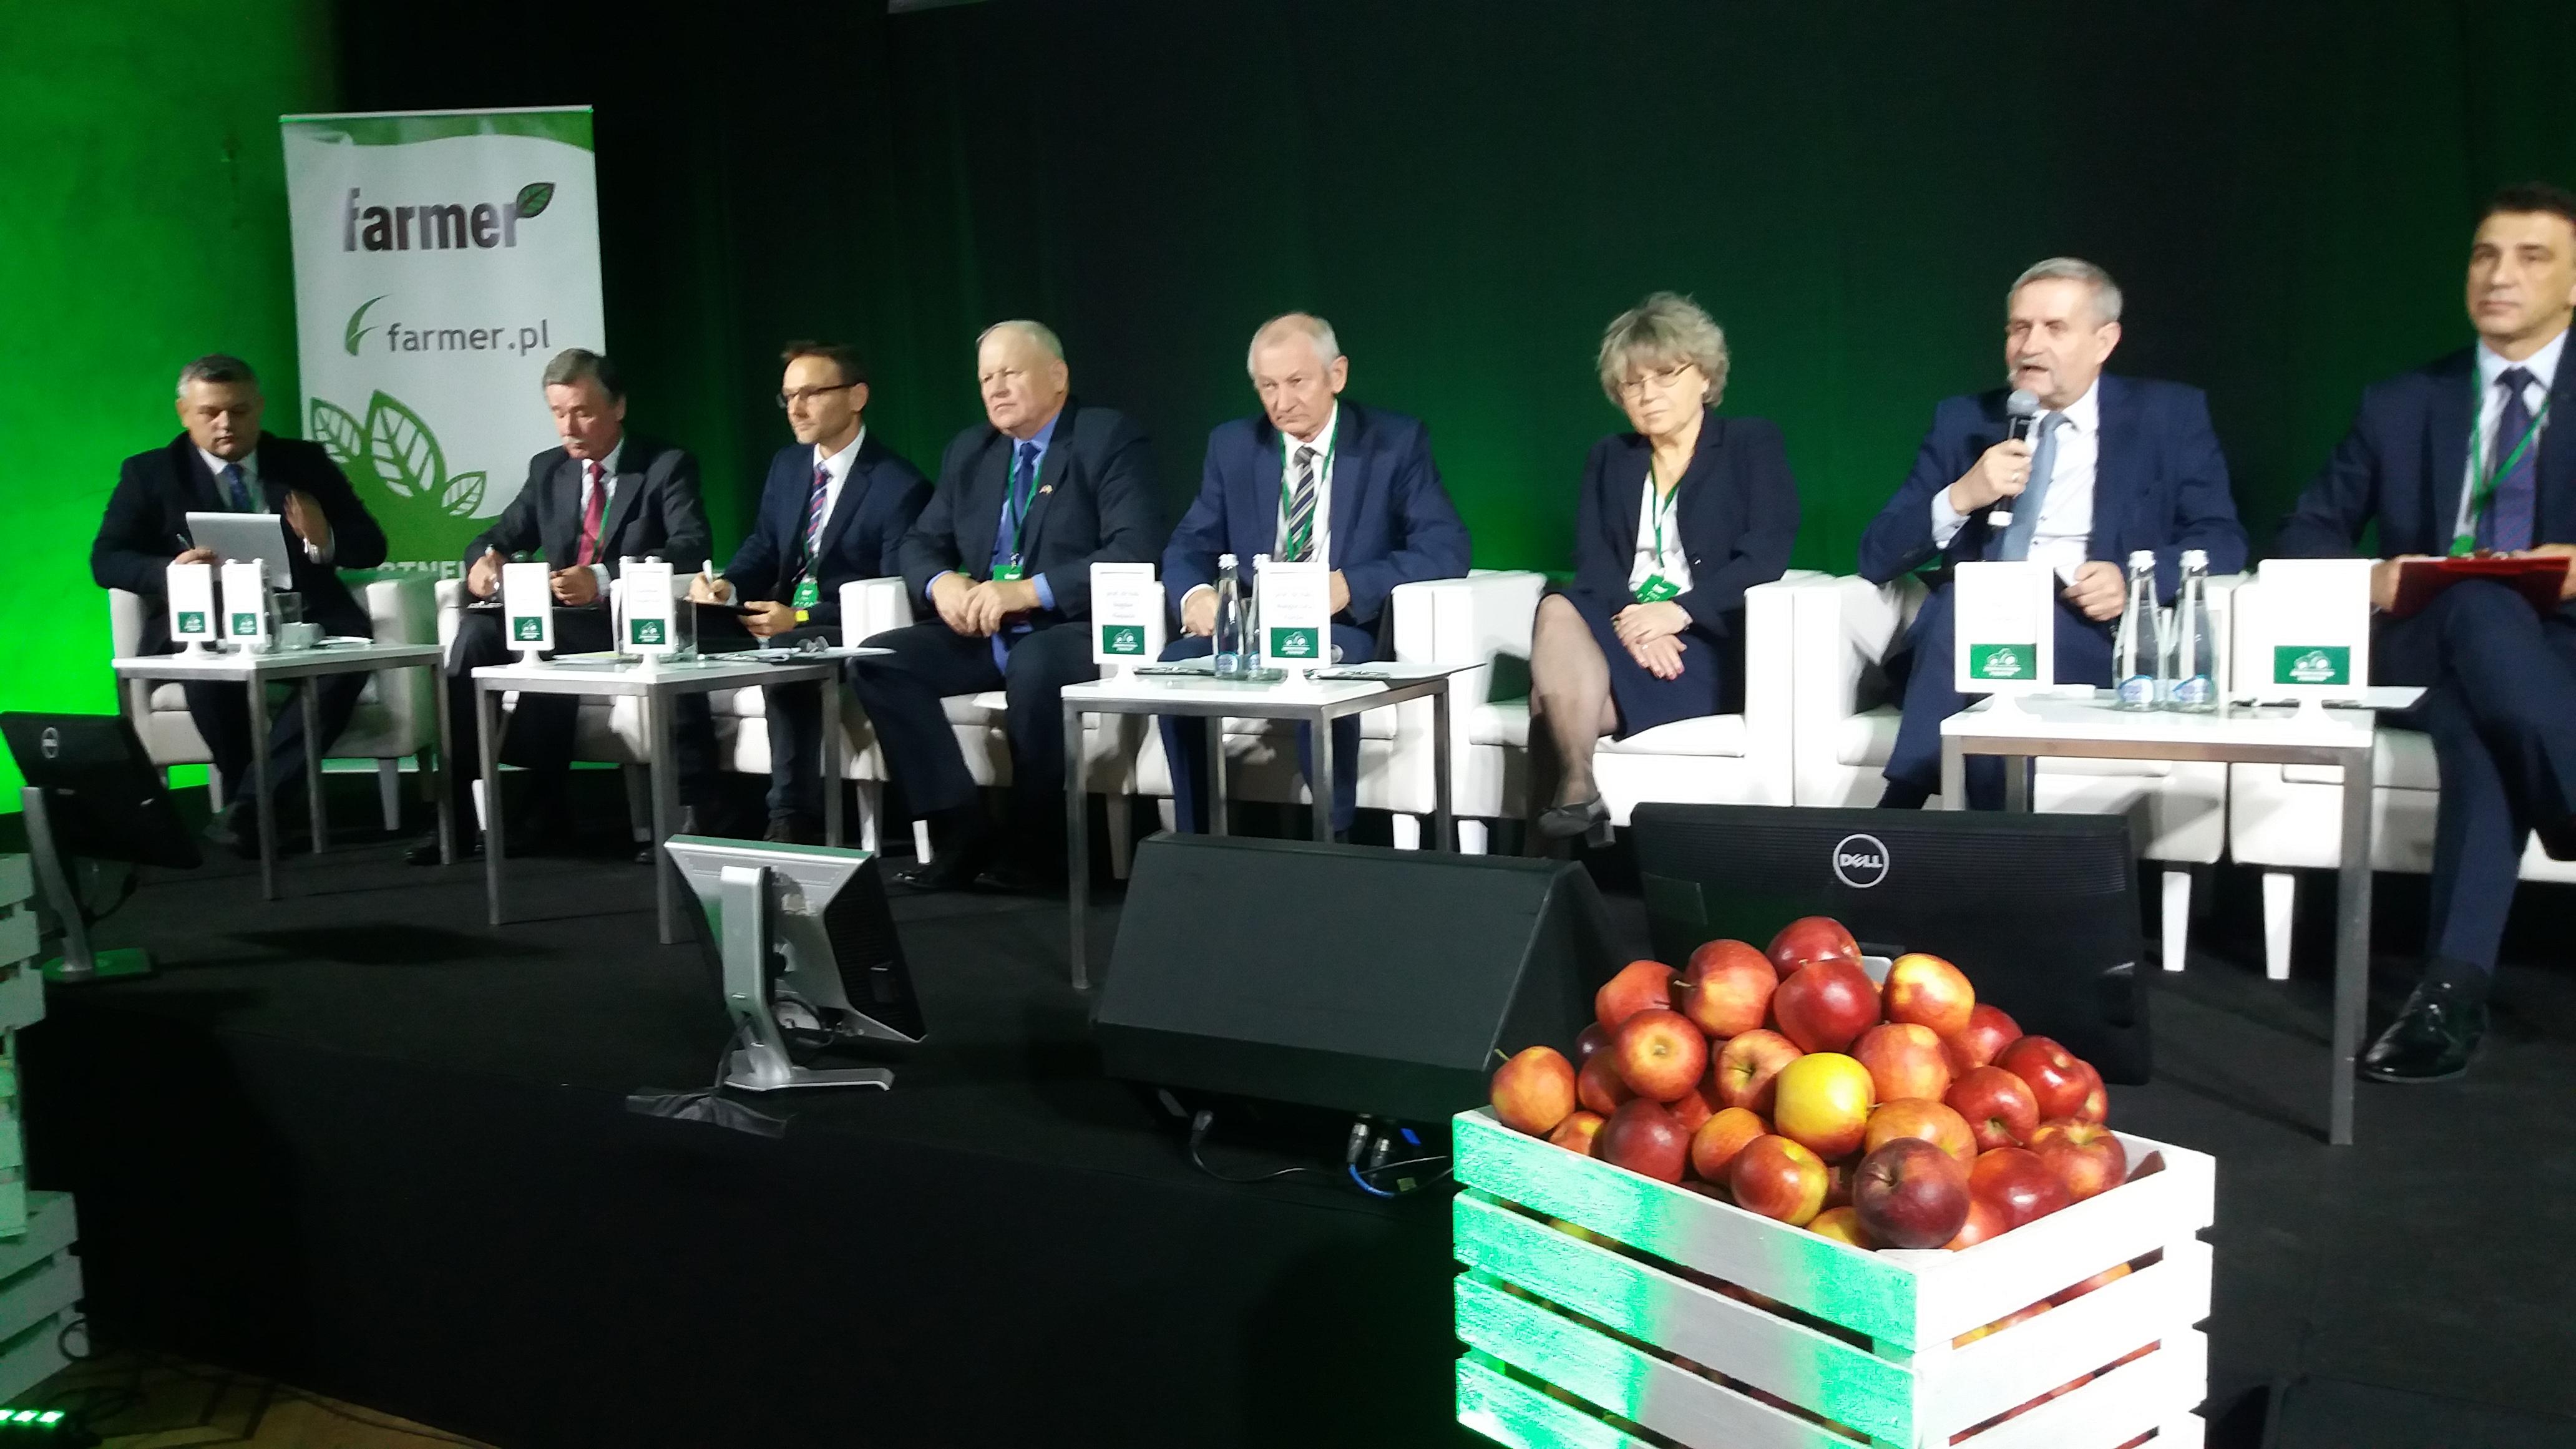 PZPRZ wziął udział w debacie na temat modelu polskiego rolnictwa w czasie Konferencji: Narodowe wyzwania w rolnictwie!